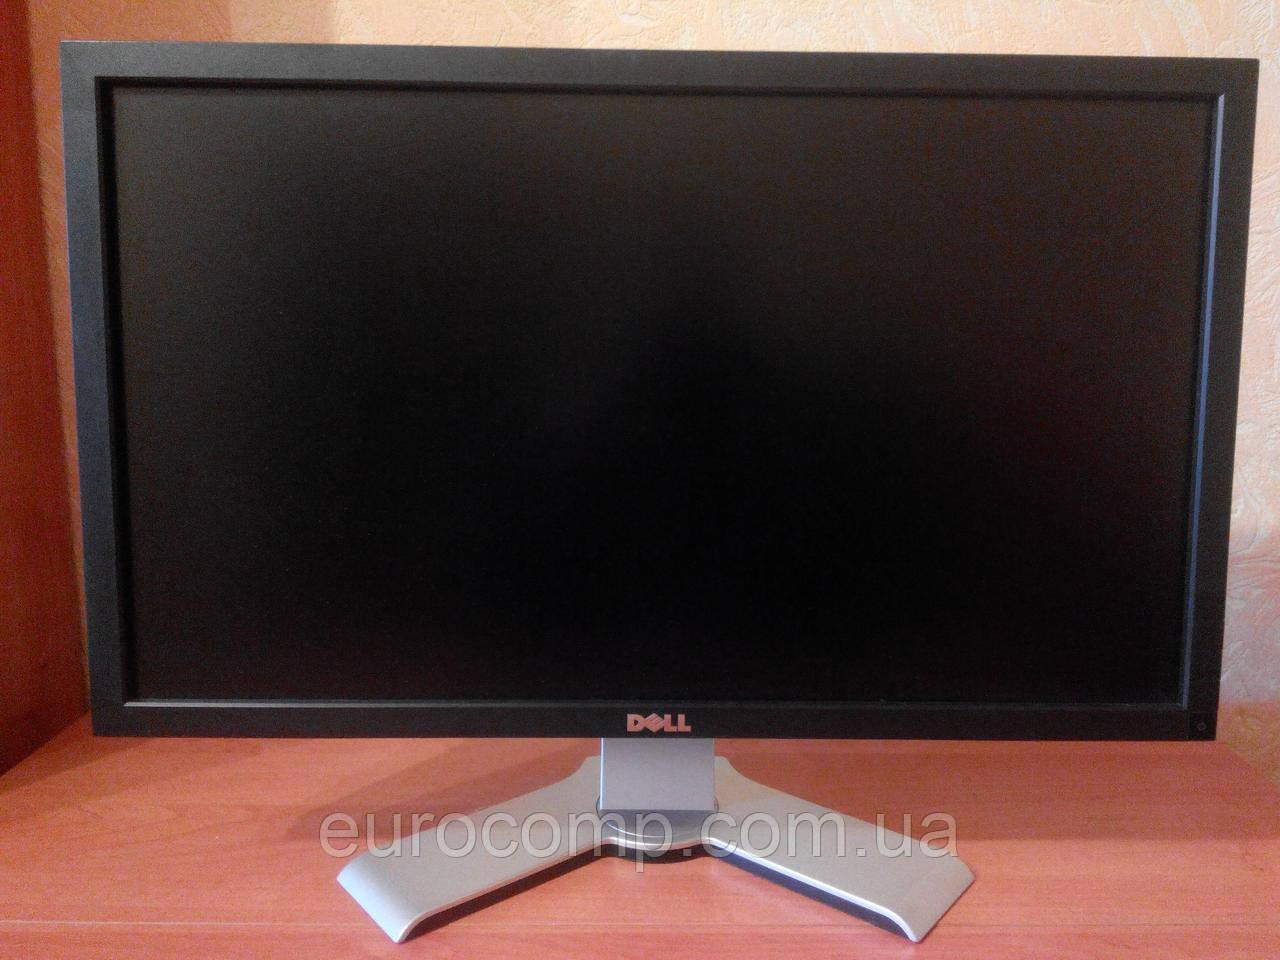 Профессиональный монитор для графики, игр, фото, CAD. IPS матрица 23'' дюйма (Dell U2311H)